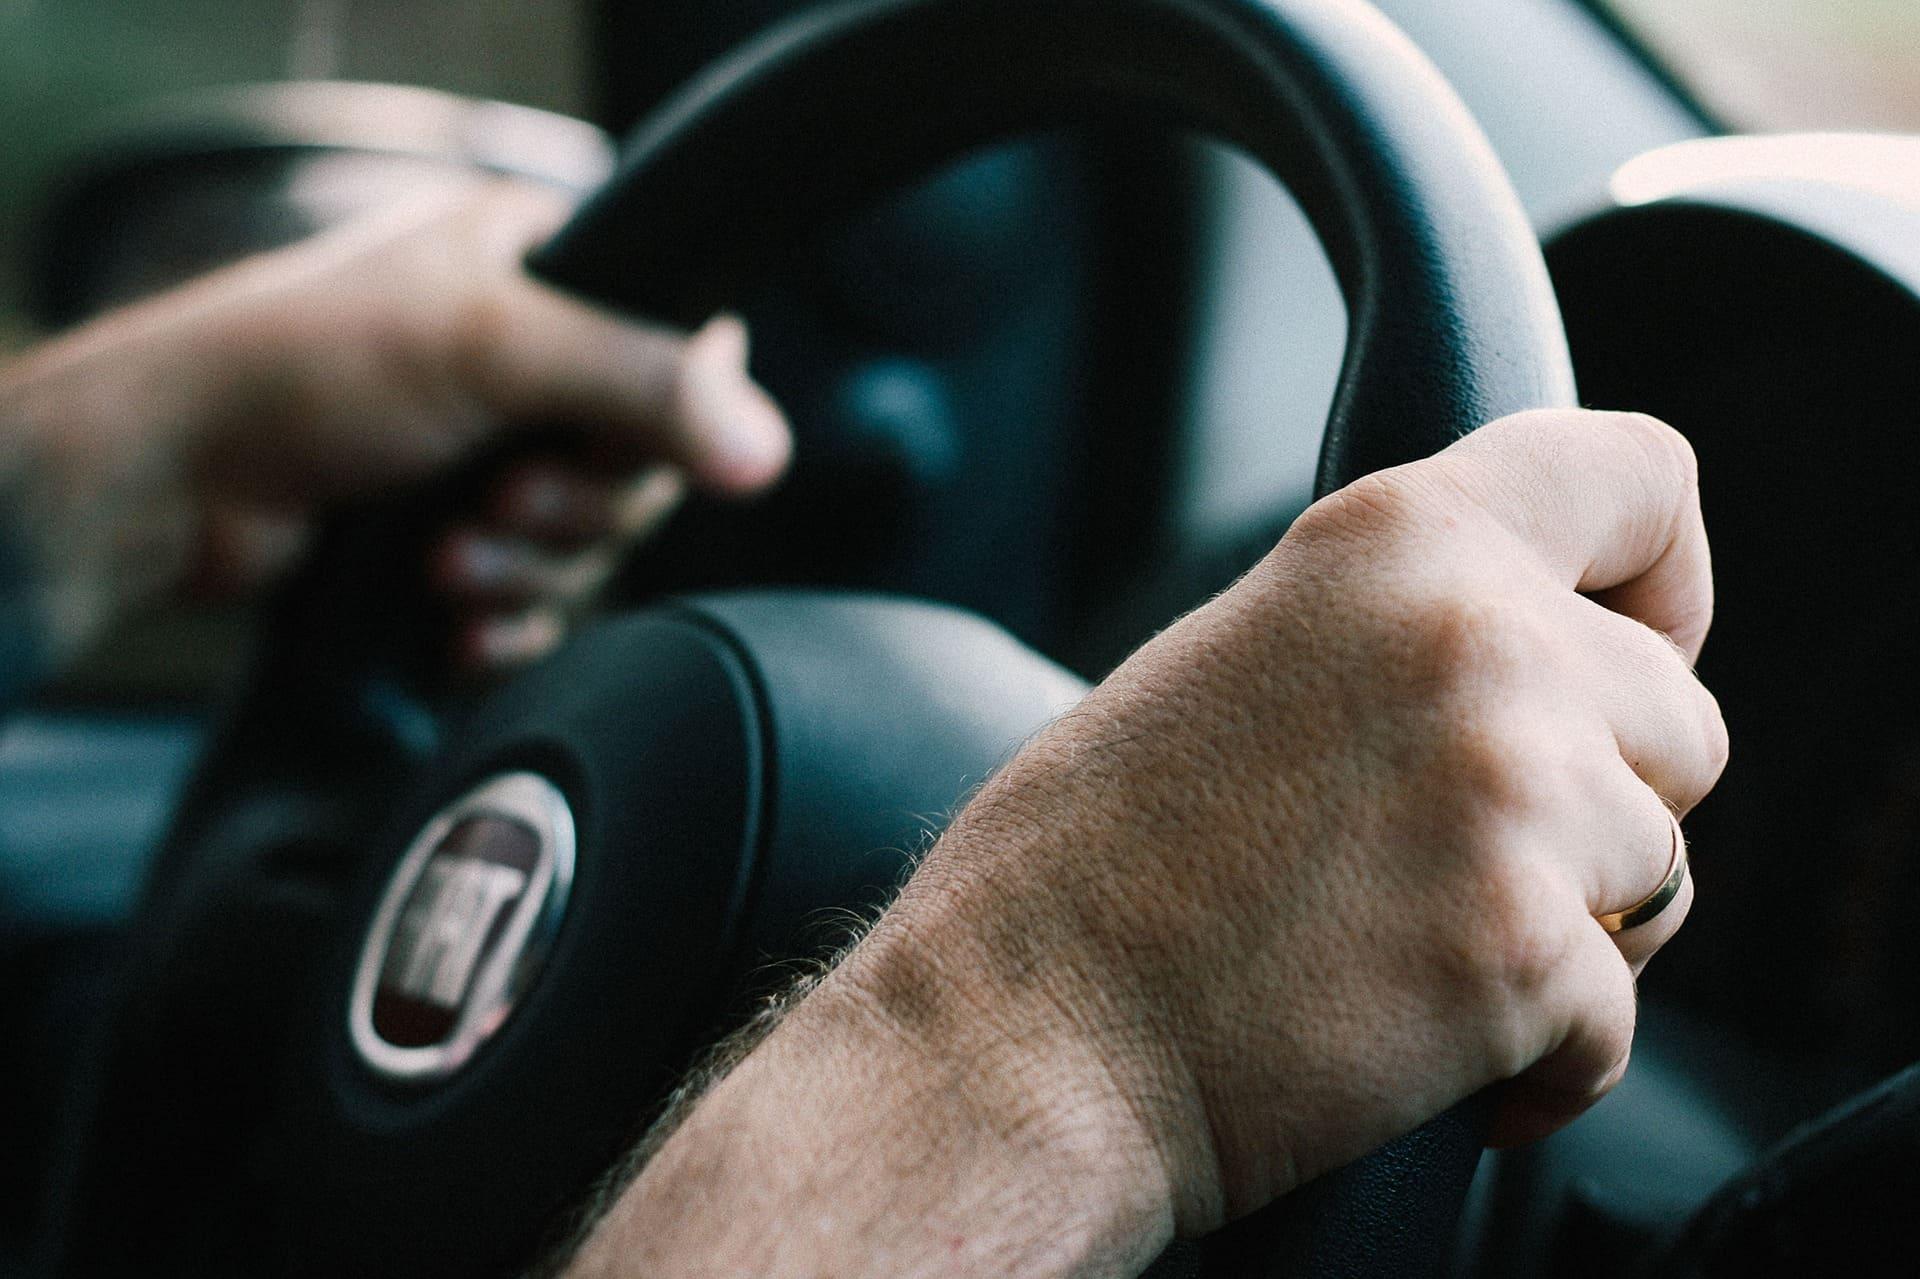 Un volante inteligente para evitar la fatiga